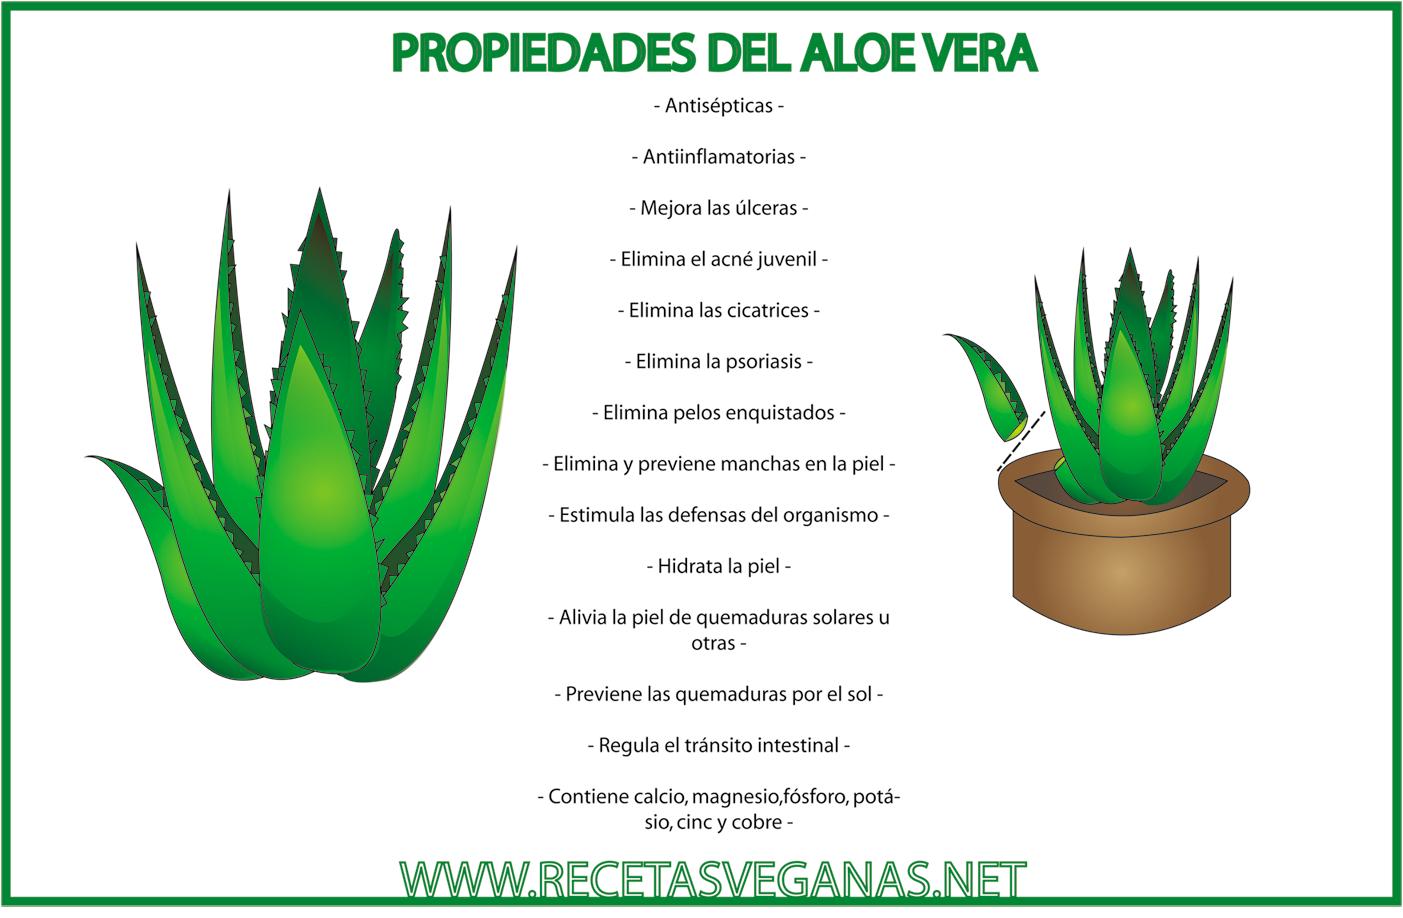 Planta aloe vera propiedades dietas de nutricion y alimentos - Como es la planta de aloe vera ...